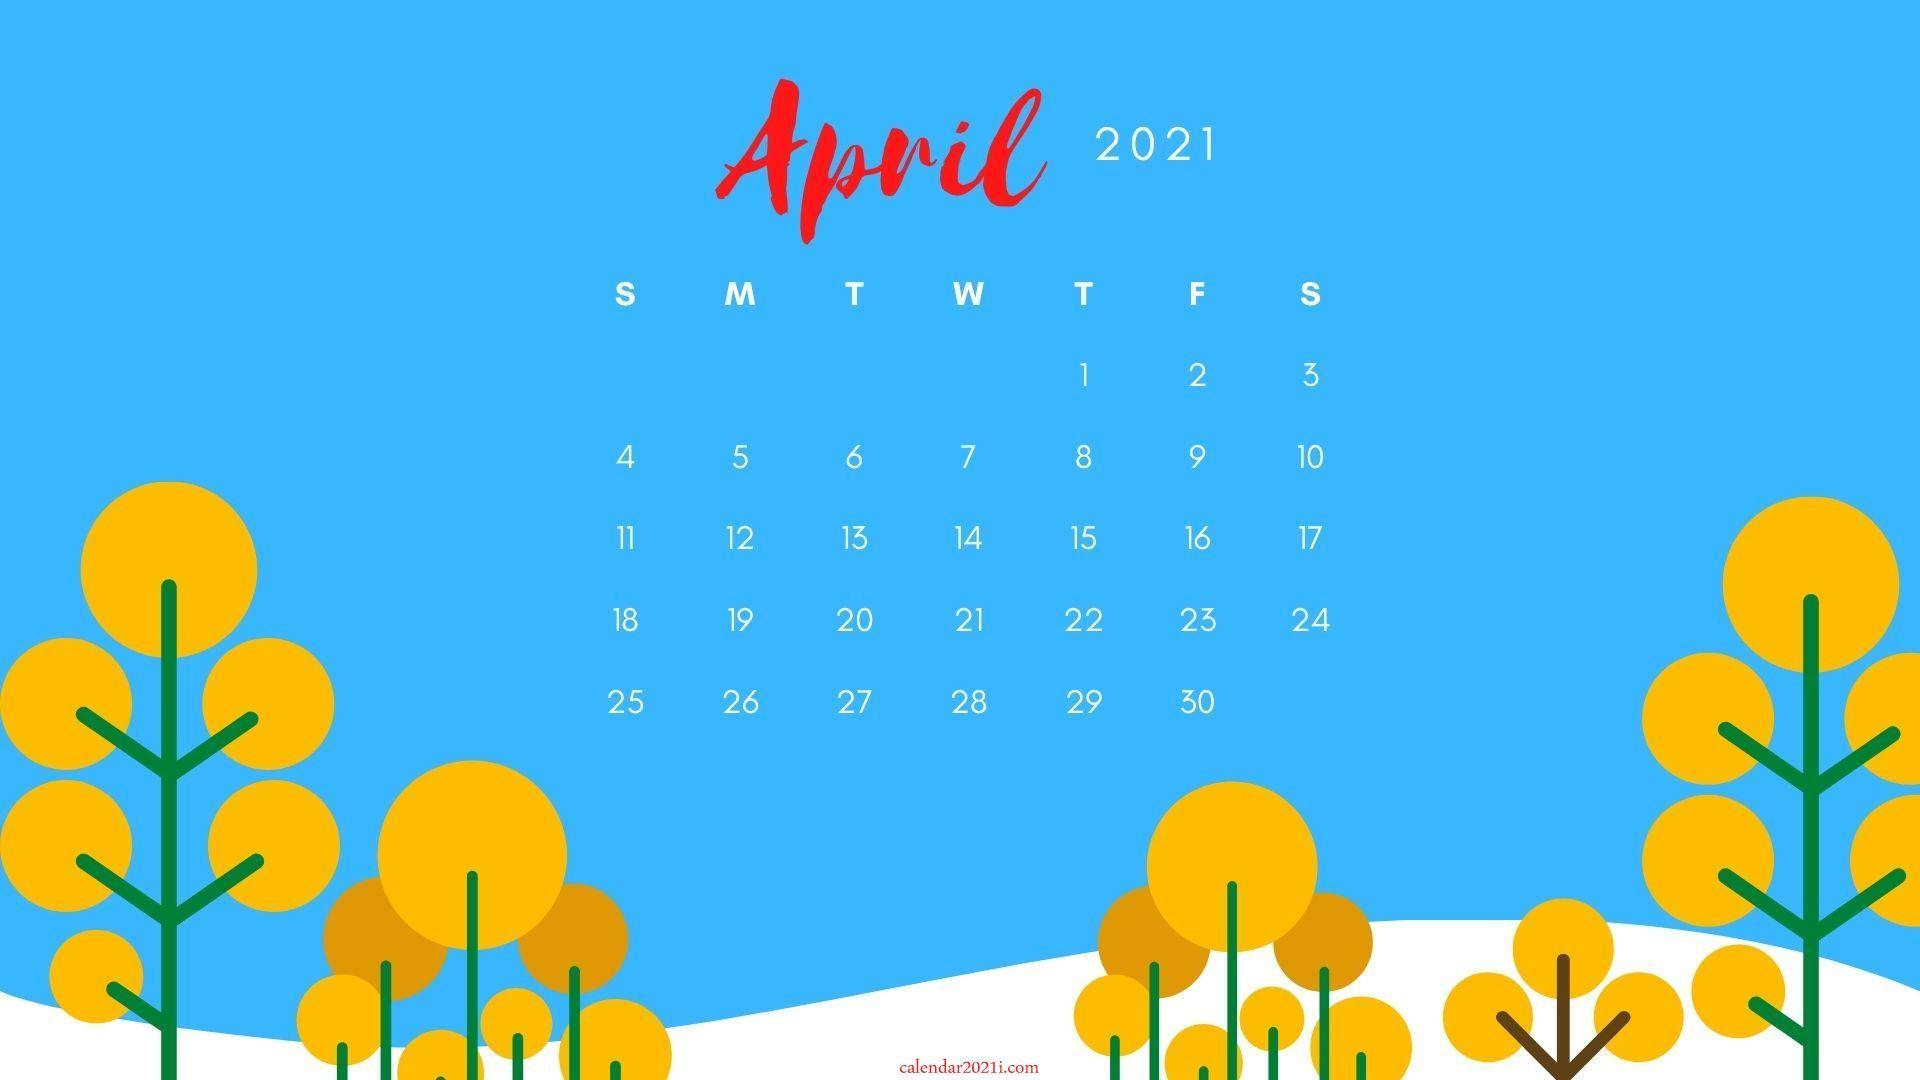 April 2021 Calendar Wallpaper Download Calendar wallpaper 1920x1080